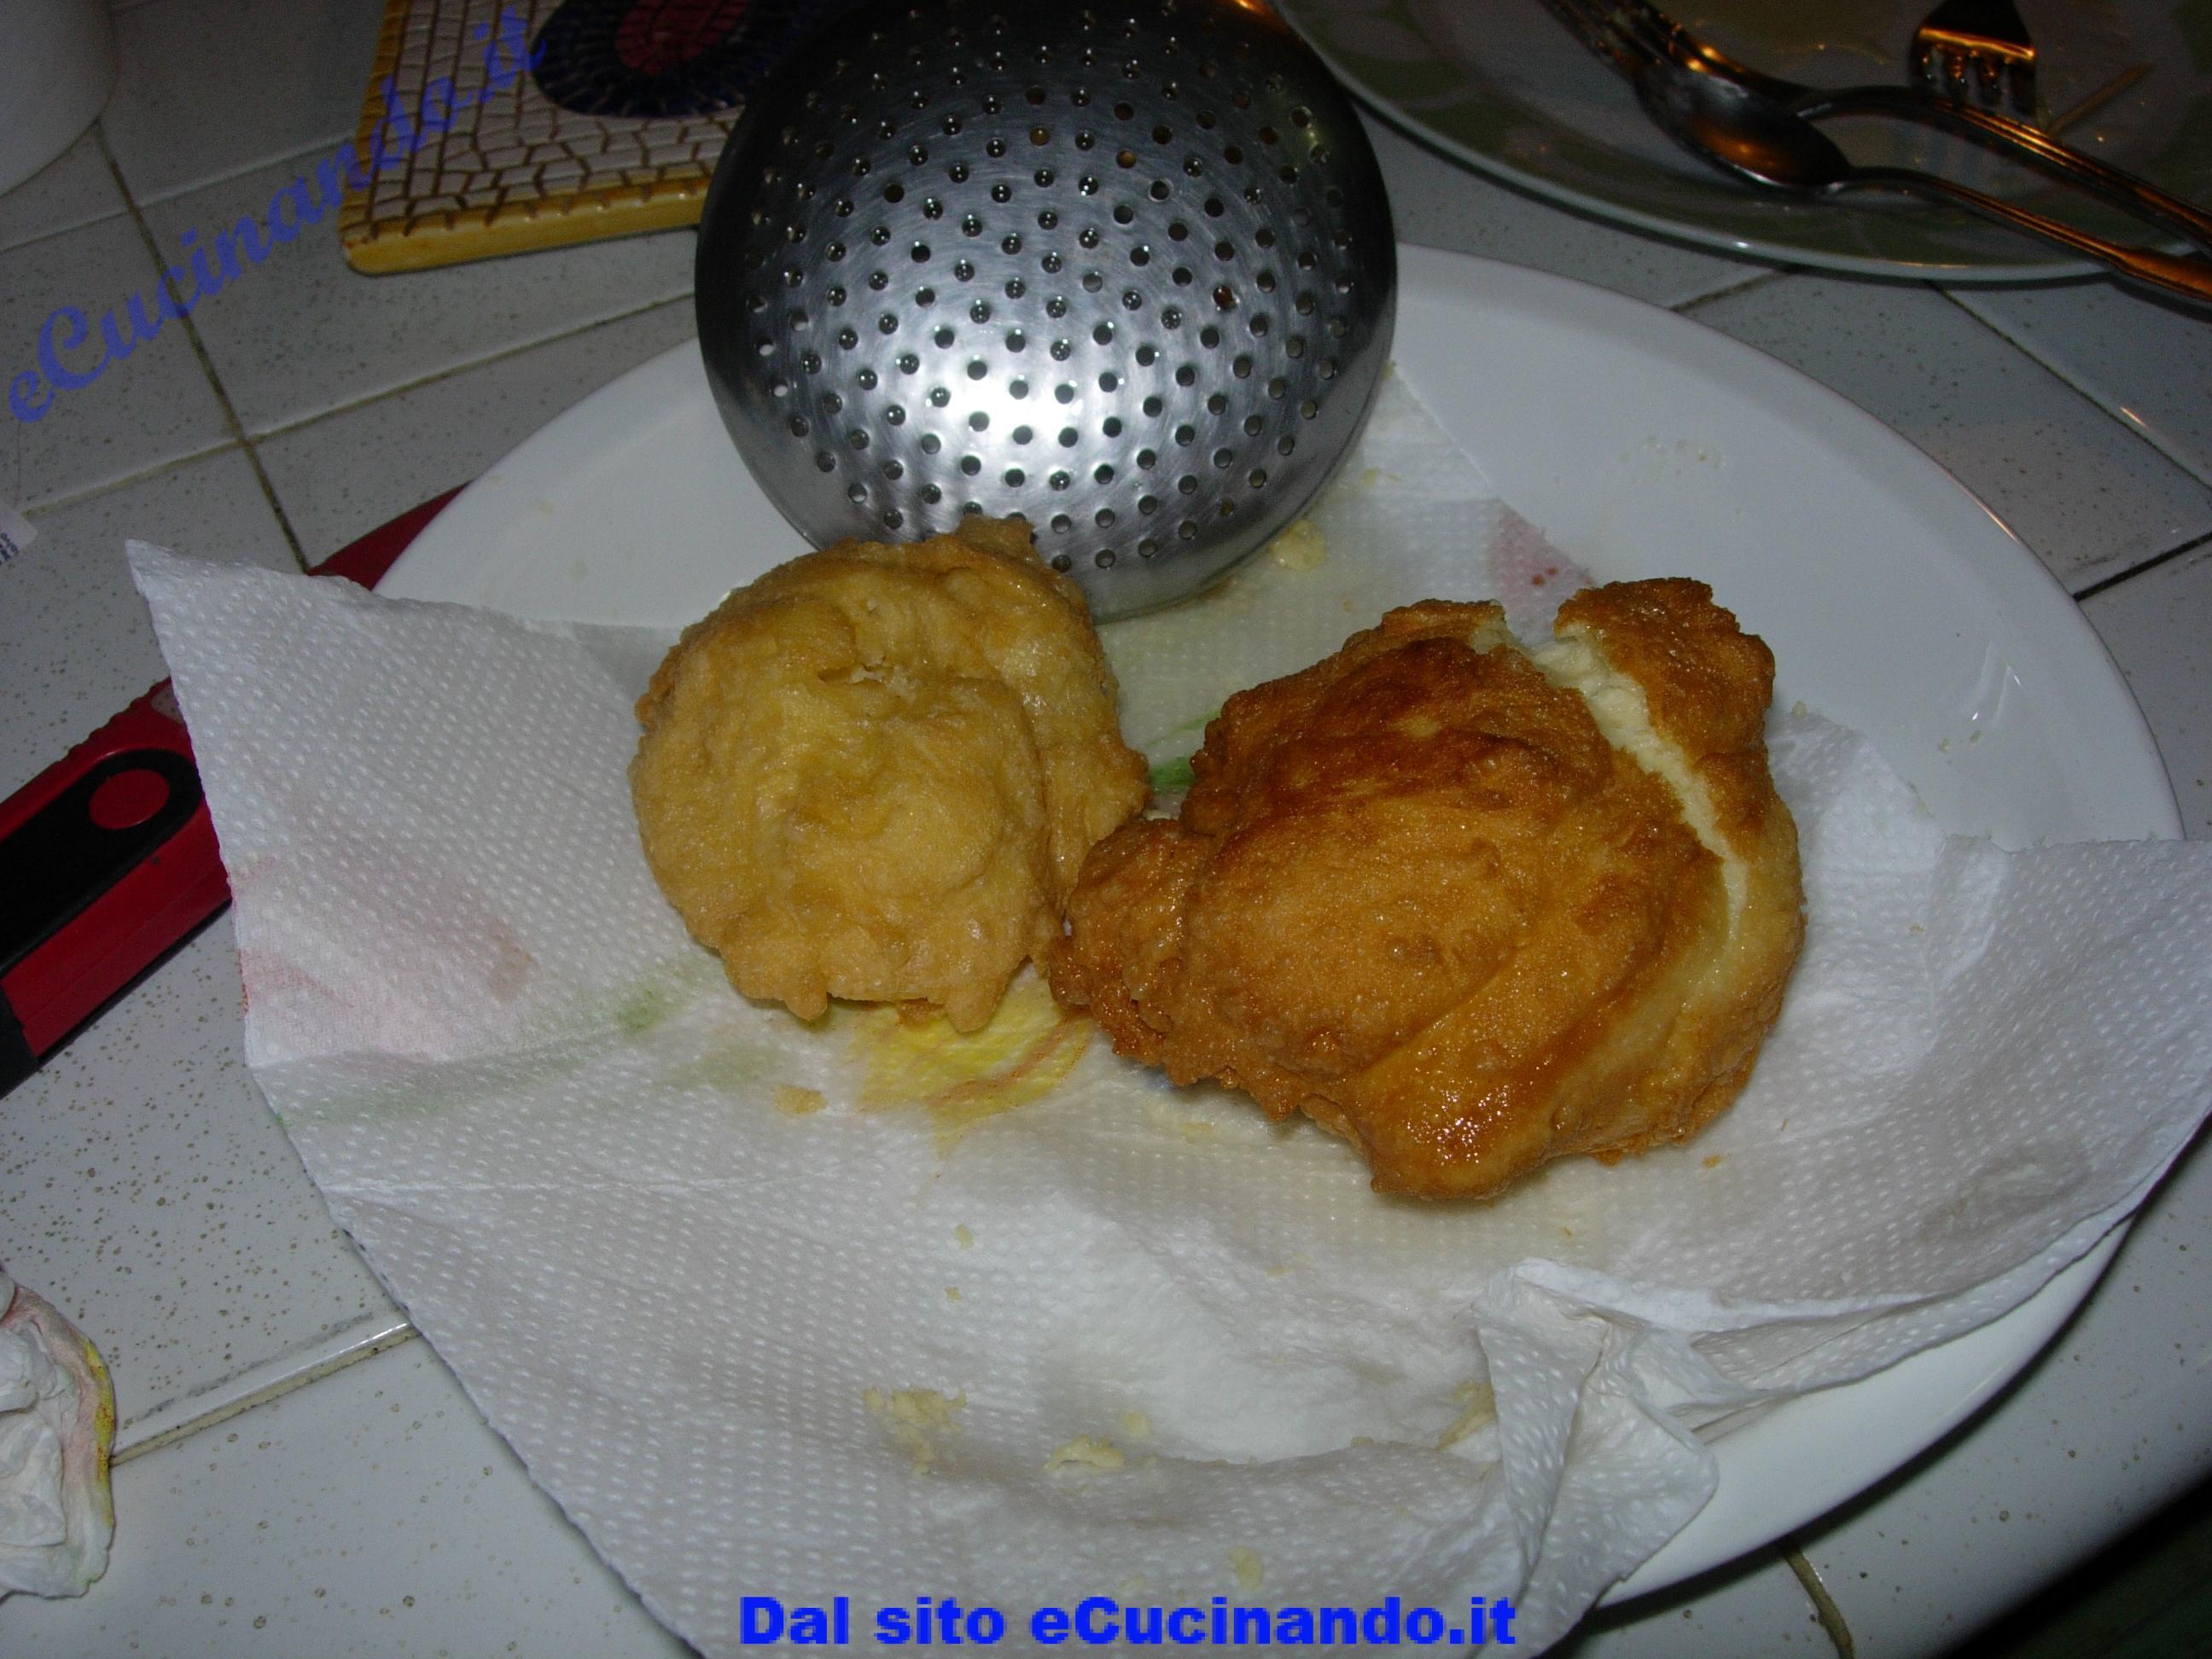 Le-mie-sfinge-di-san-giuseppe